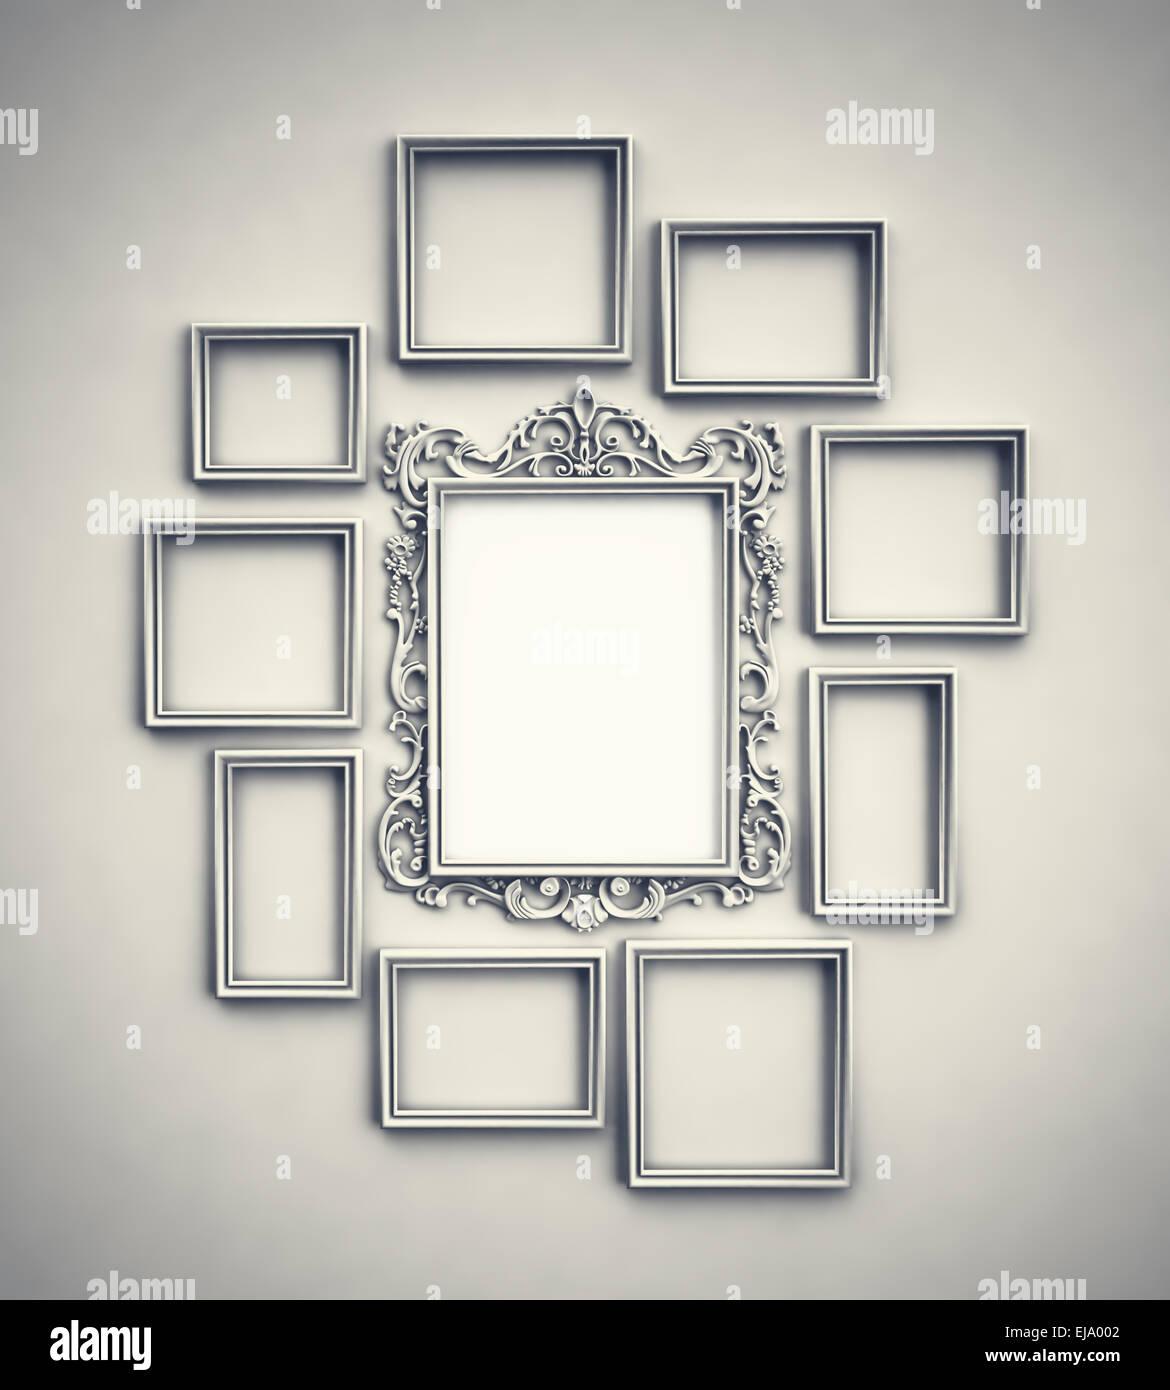 Pared simple con marcos ornamentados circundante en el centro del bastidor Imagen De Stock